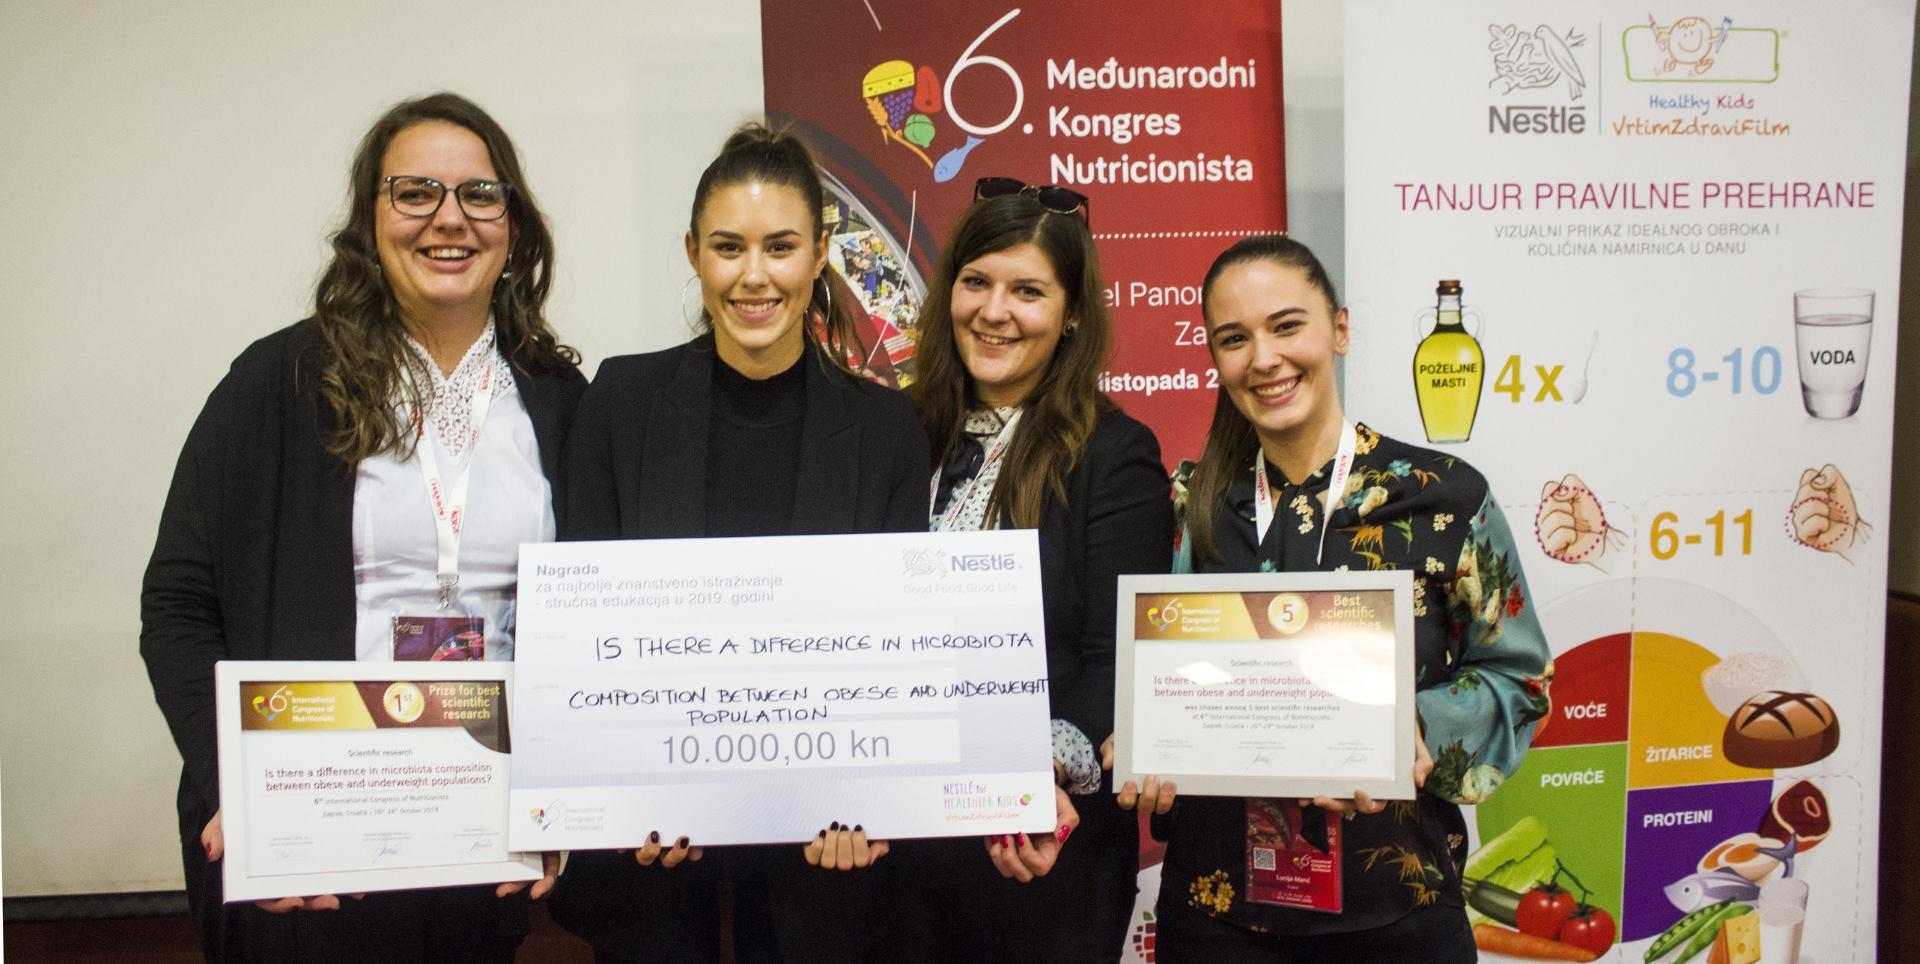 Nestlé dodijelilo stipendiju za daljnju edukaciju mladih znanstvenika